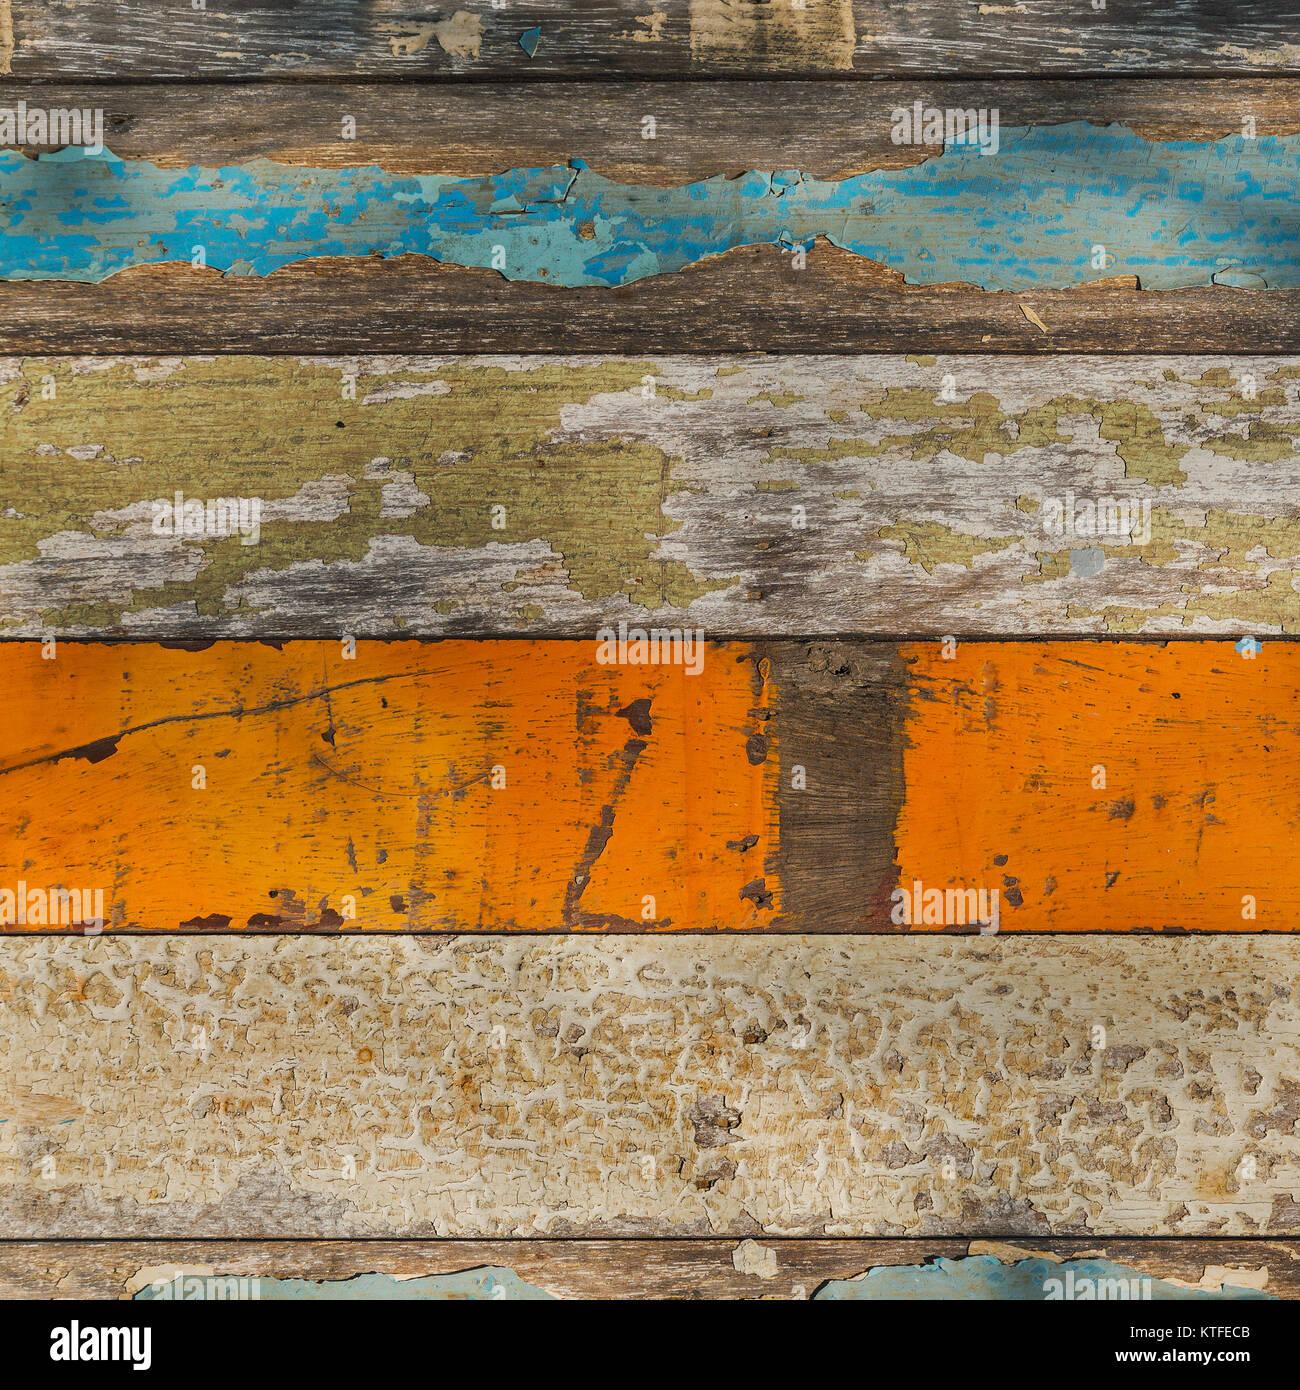 Alte Holz Tafel Mit Verschiedenen Hellen Farben Gemalt Stockfoto